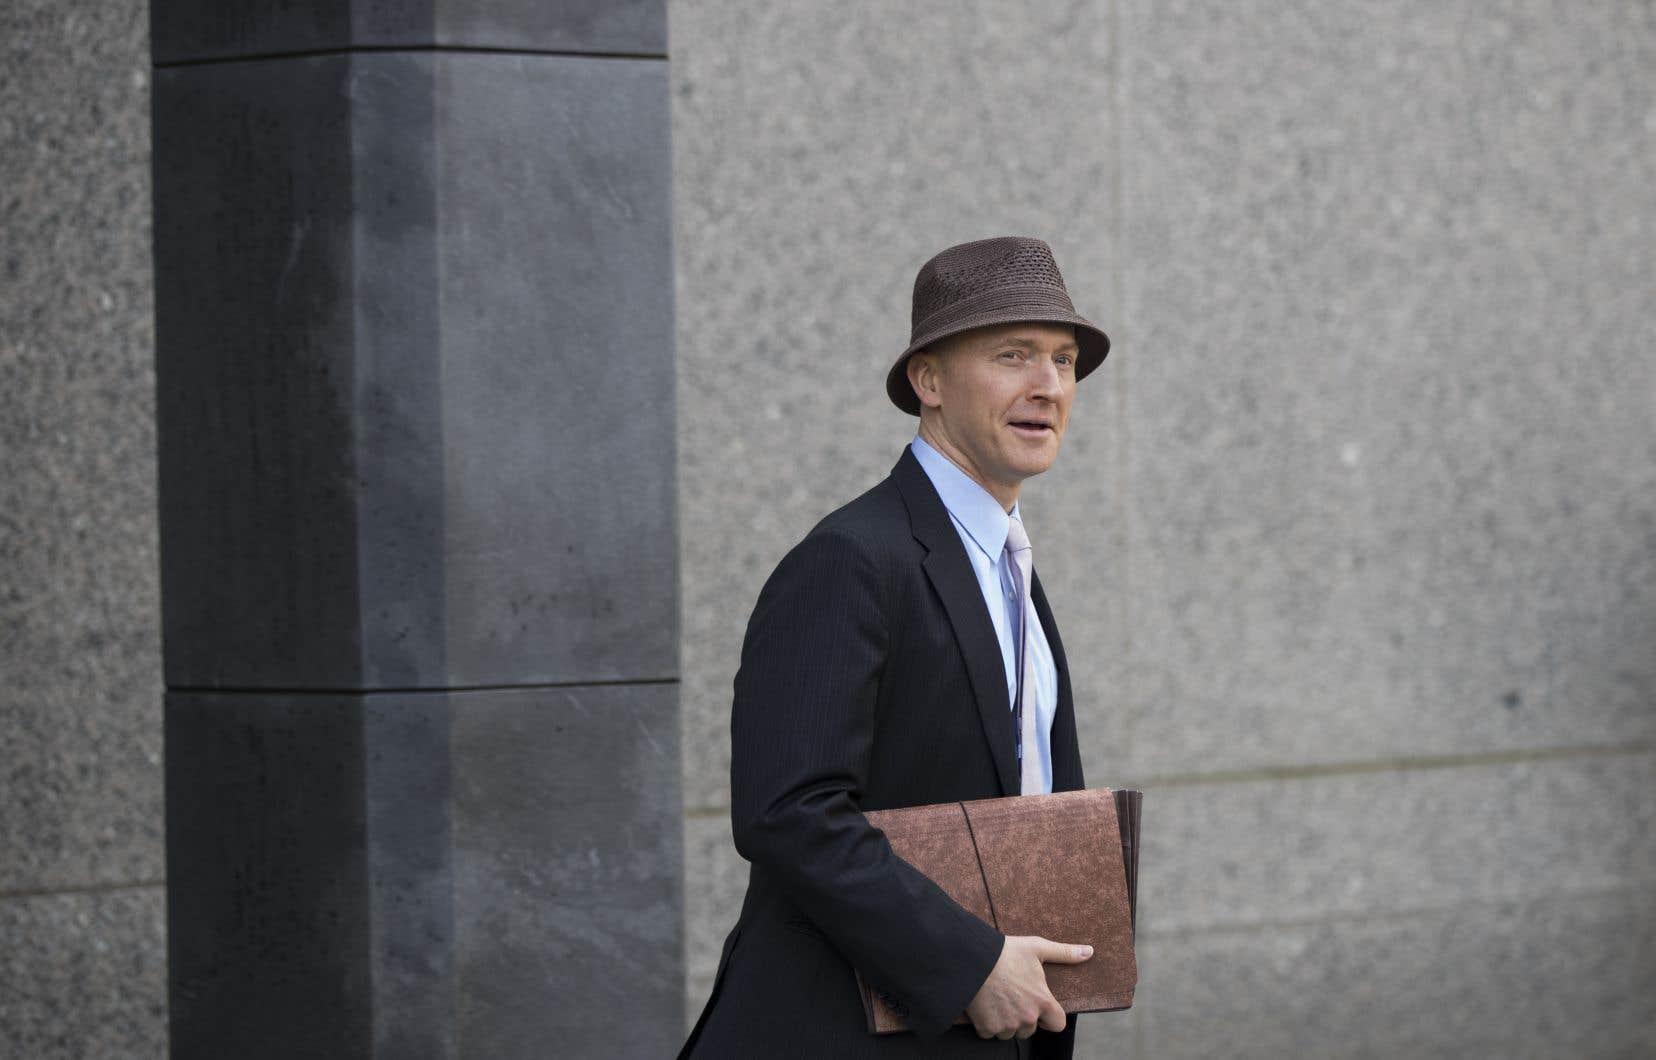 Carter Page, conseiller pour la politique étrangère de l'équipe Trump pendant sa campagne, est directement nommé dans un document de la juridiction chargée de contrôler la surveillance d'espions.